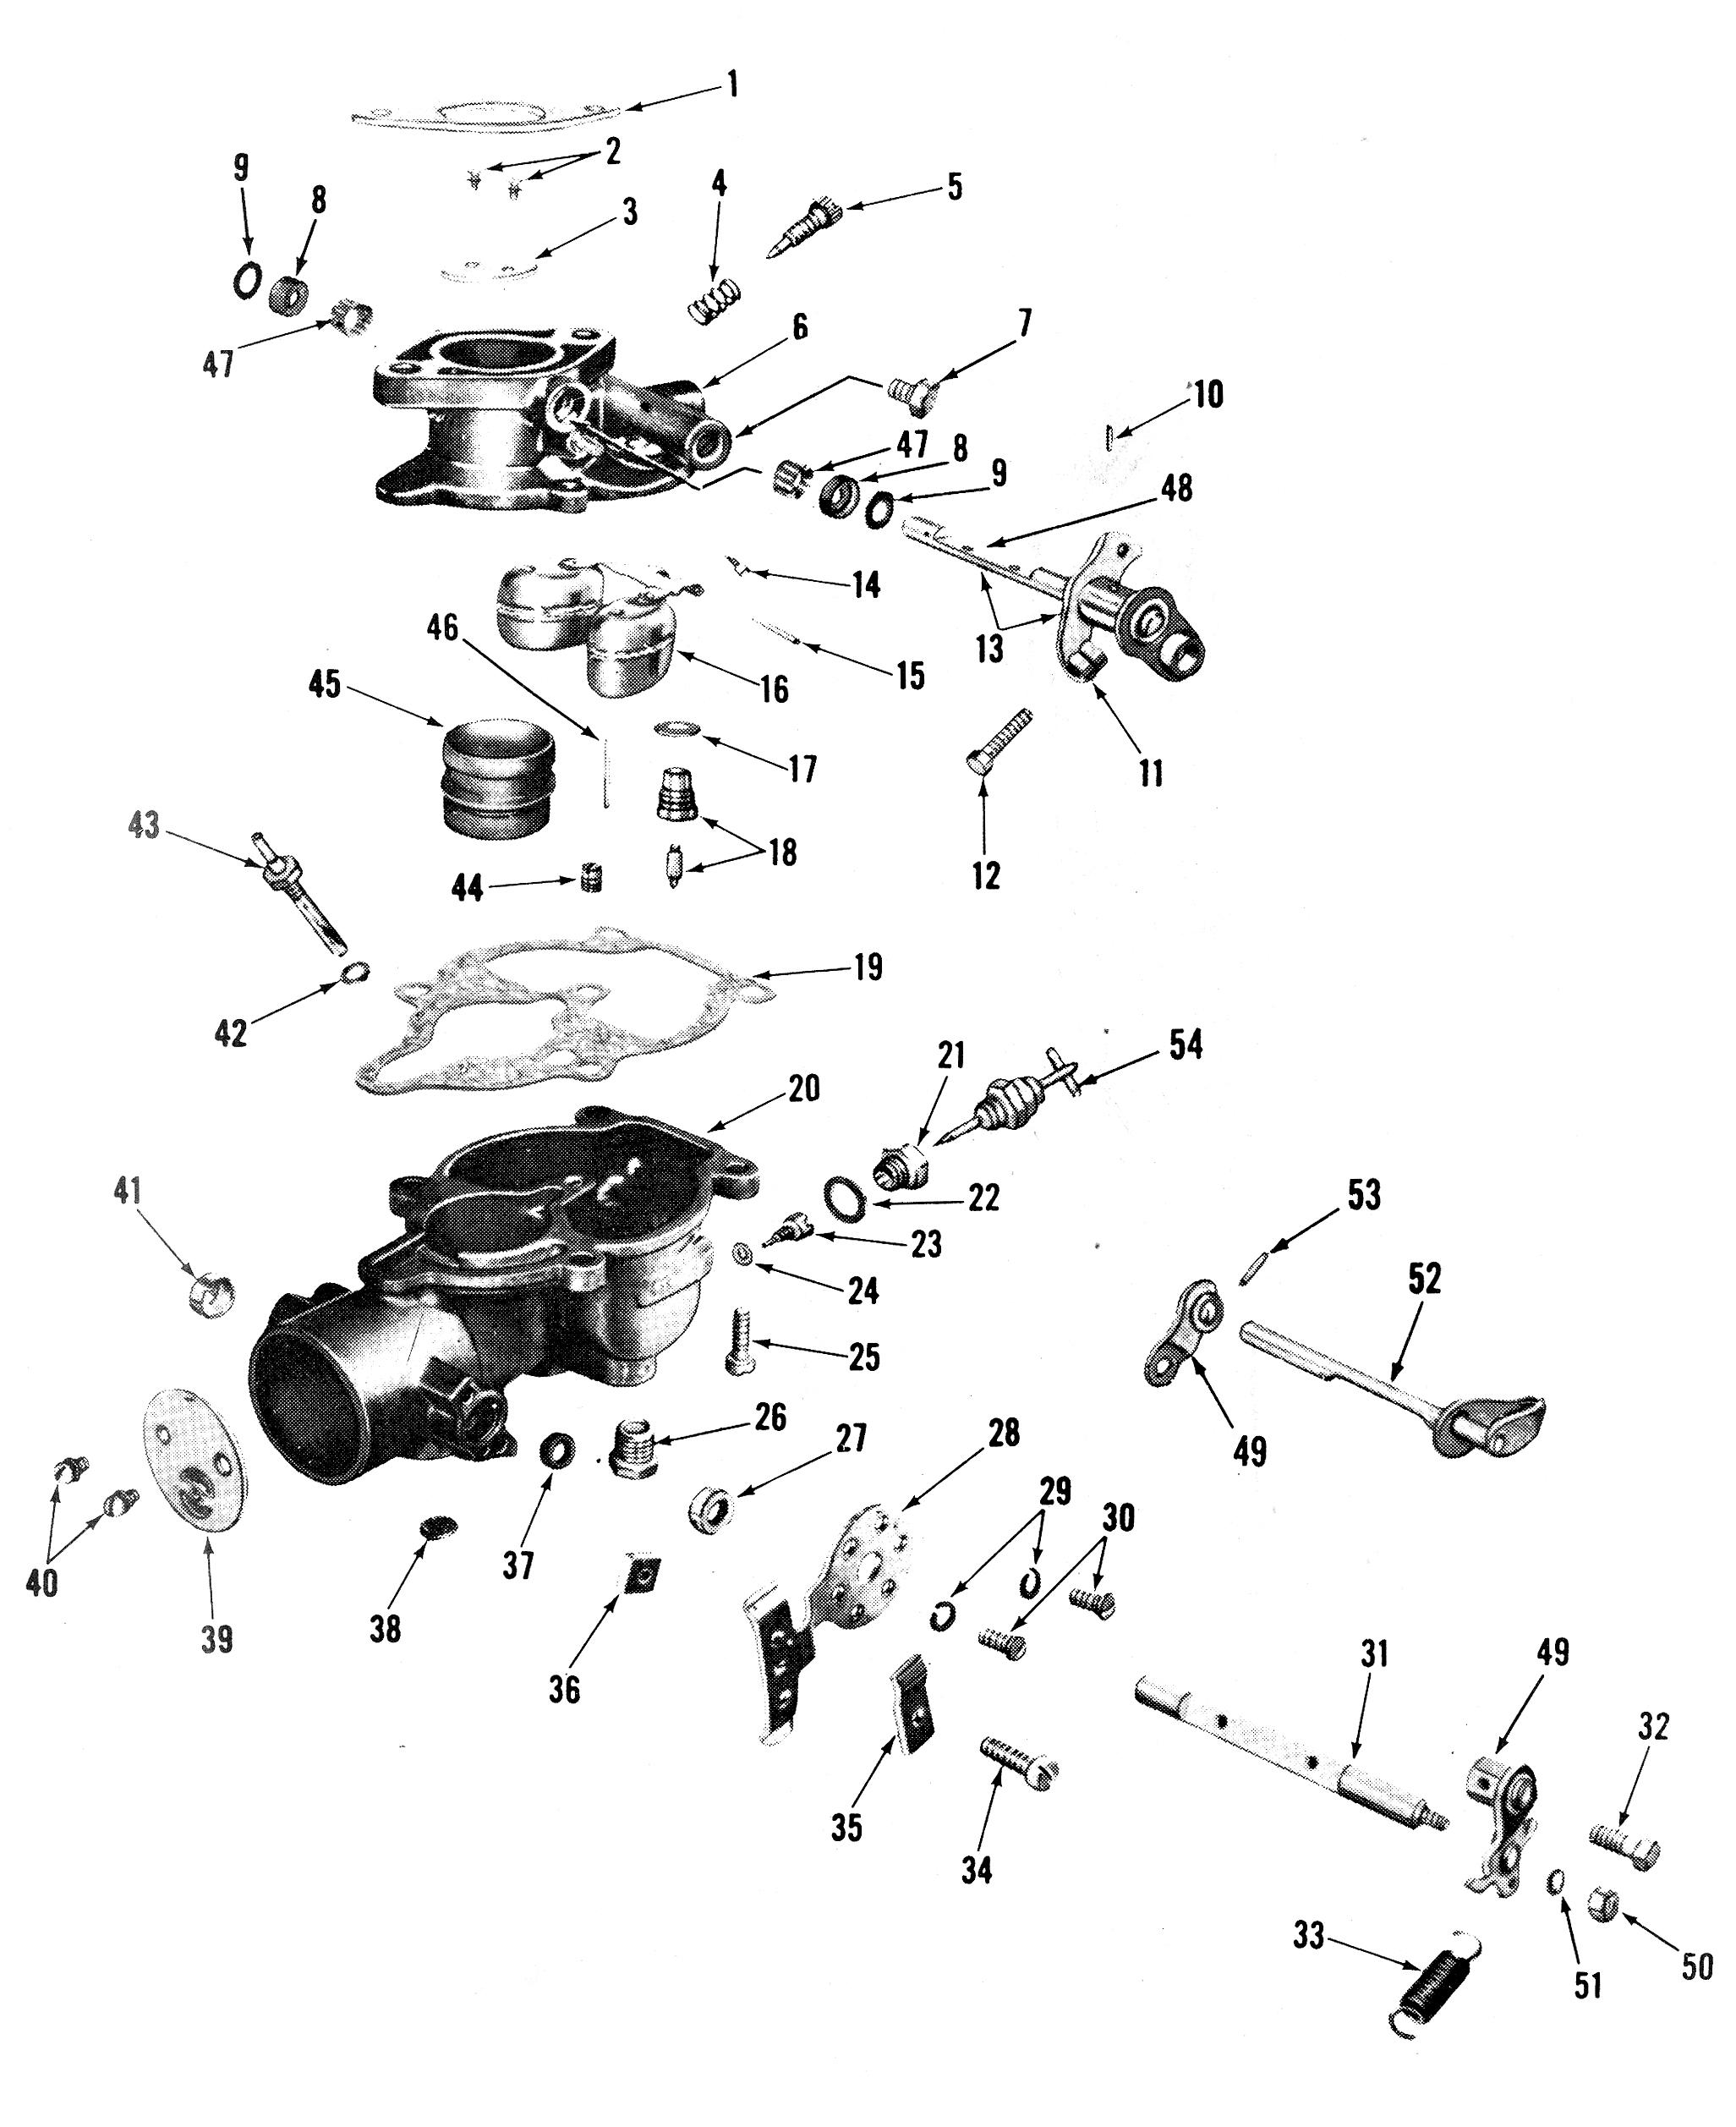 John Deere 110 Wiring Diagram Com